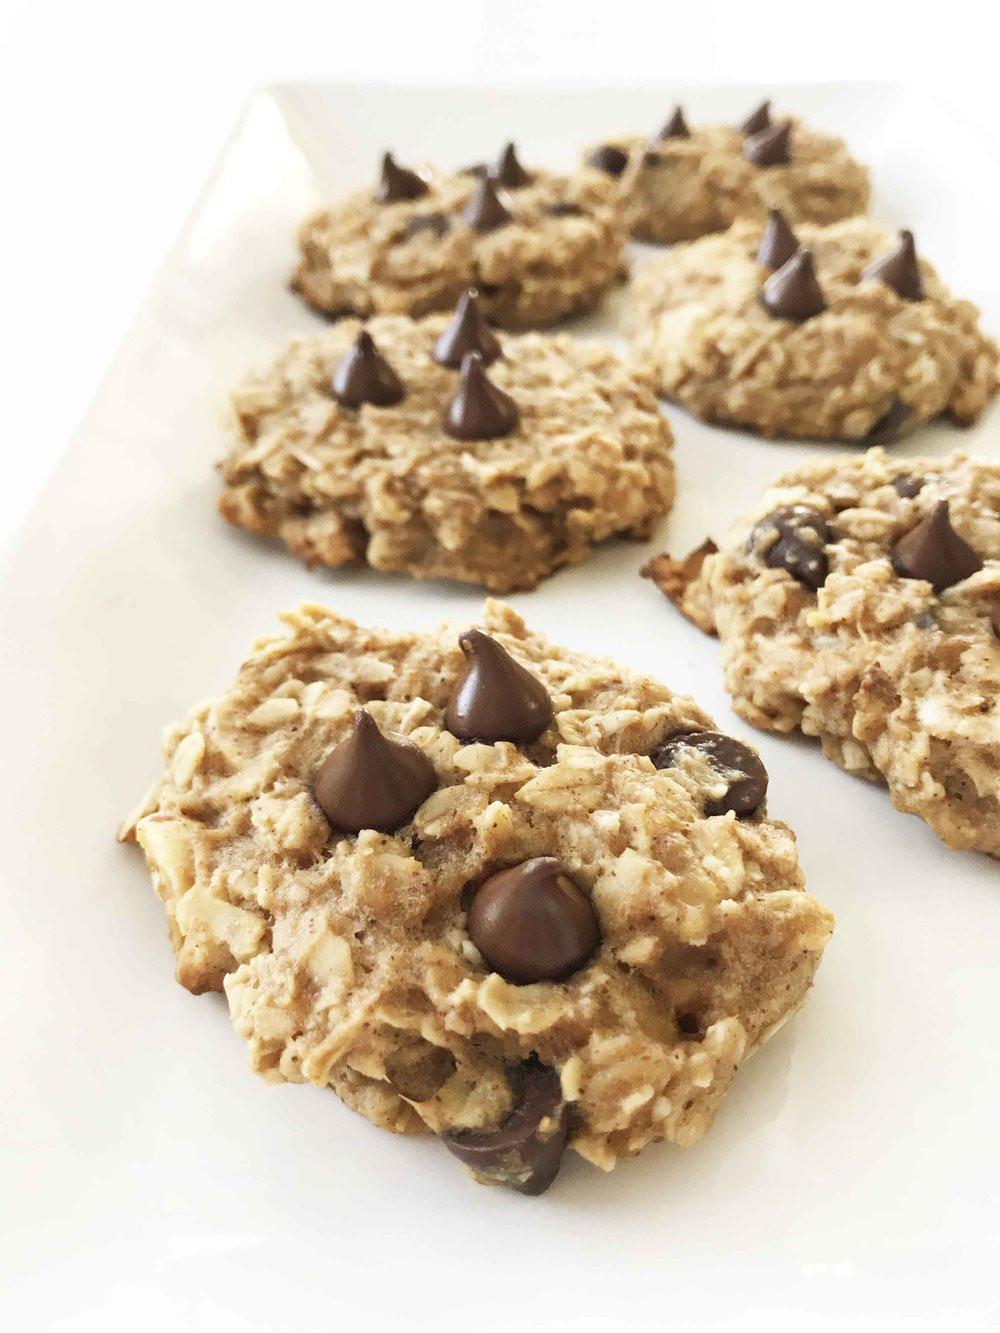 Healthy Peanut Butter Cookies No Sugar  Healthy Peanut Butter Oatmeal Cookies — The Skinny Fork